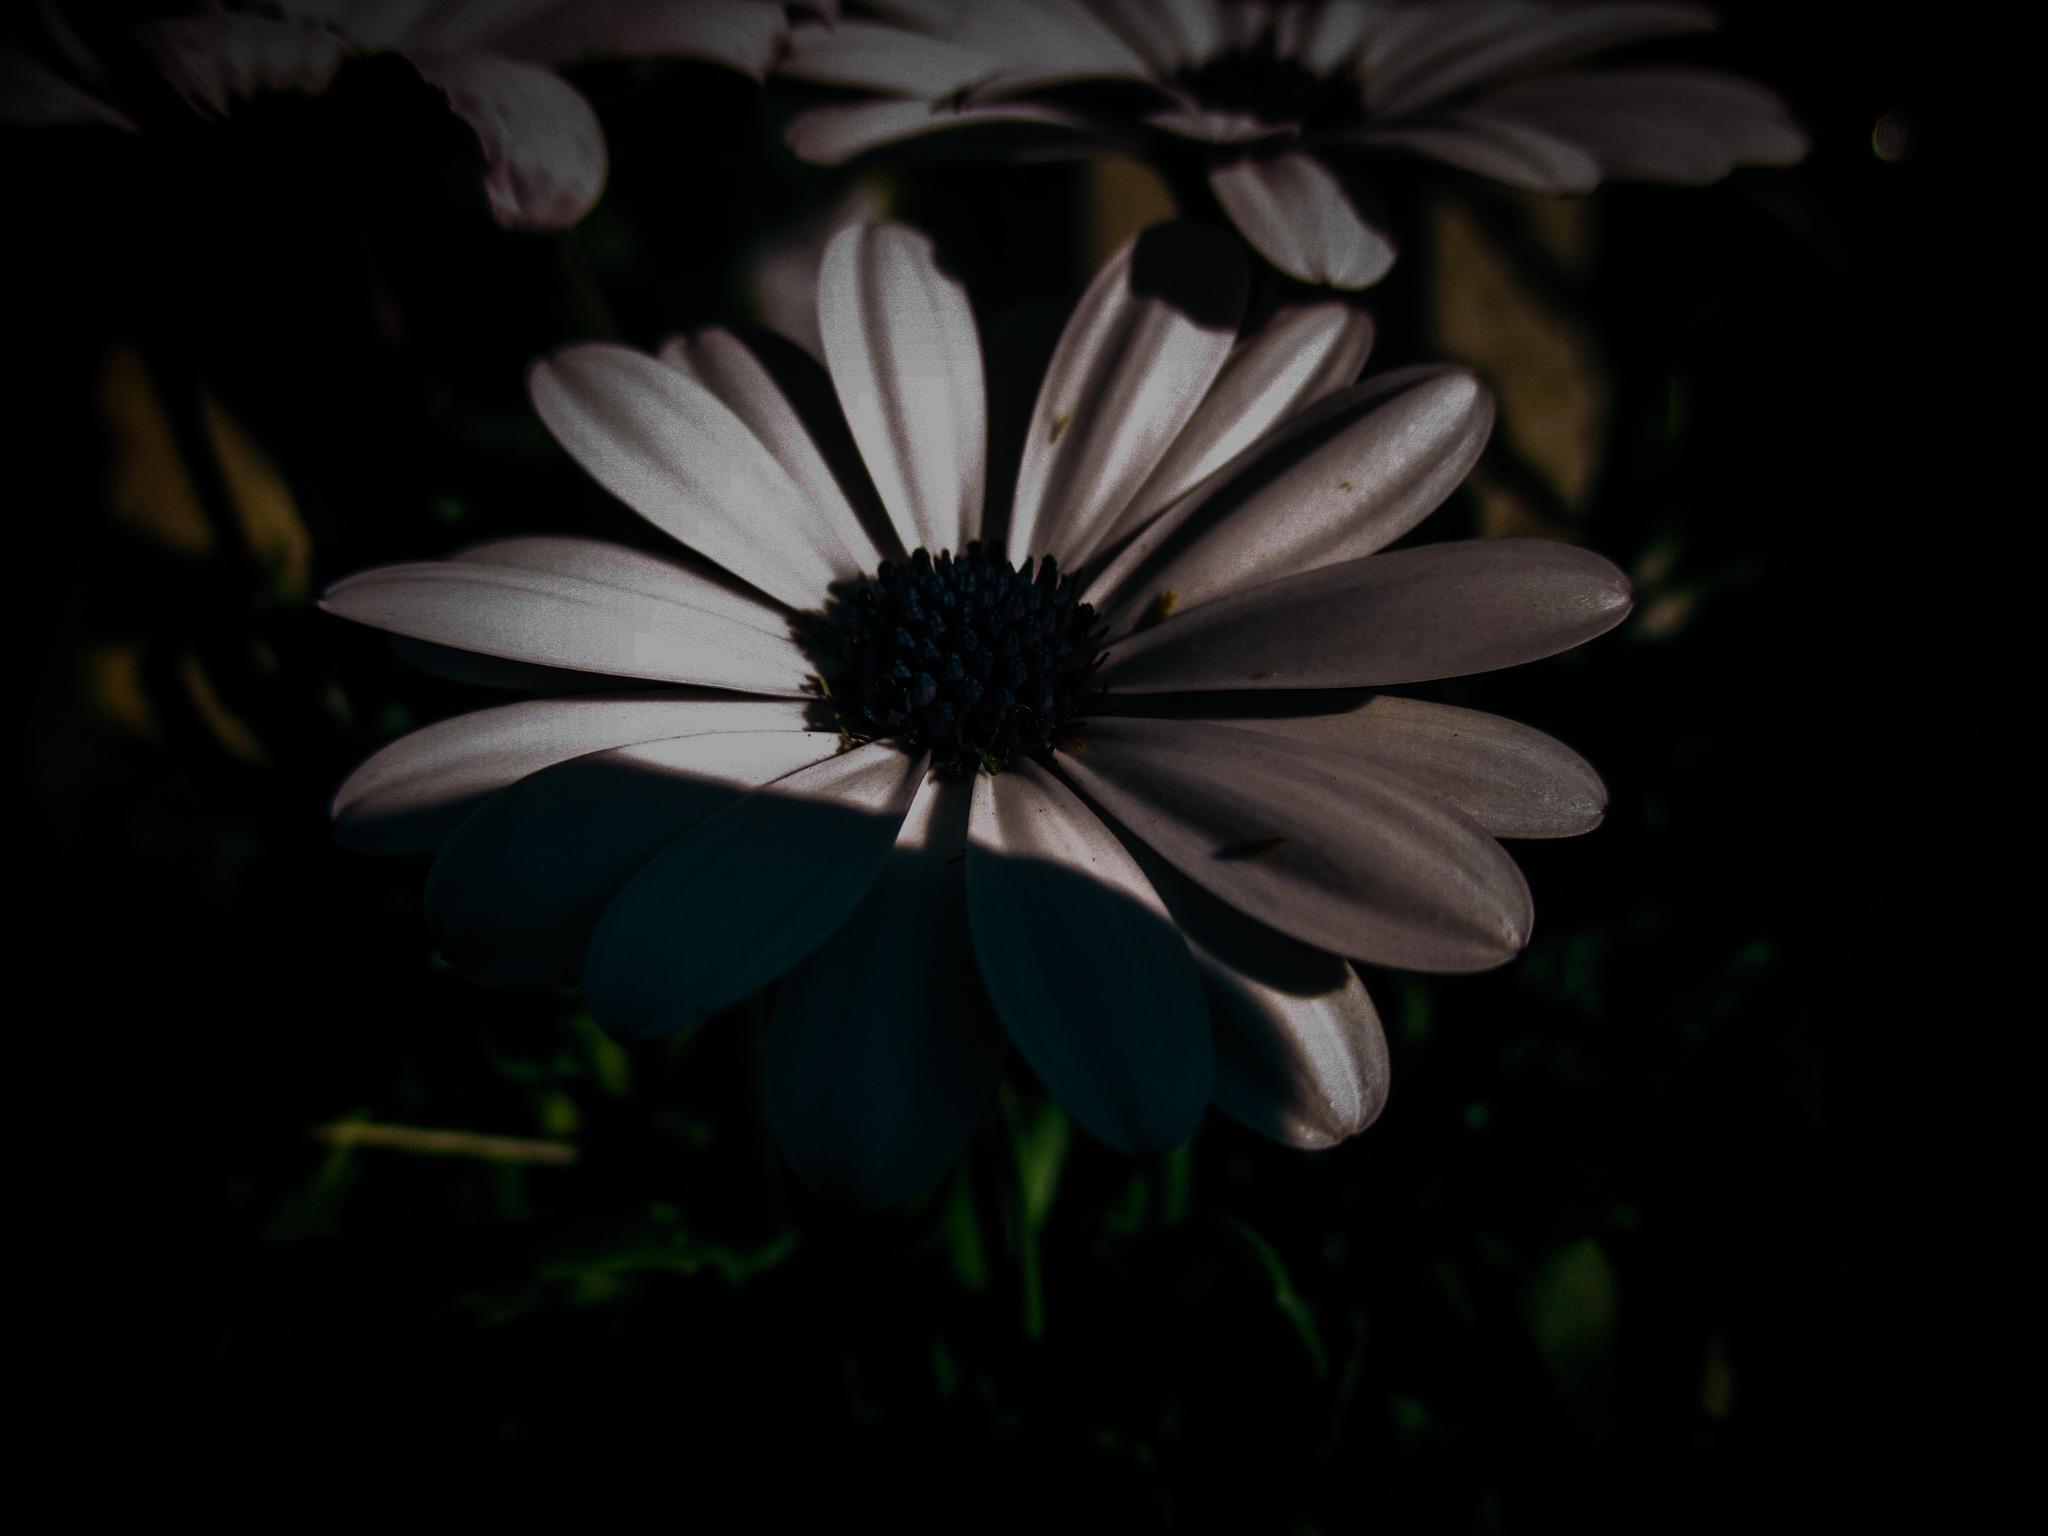 Low Light by Kristen Fisher